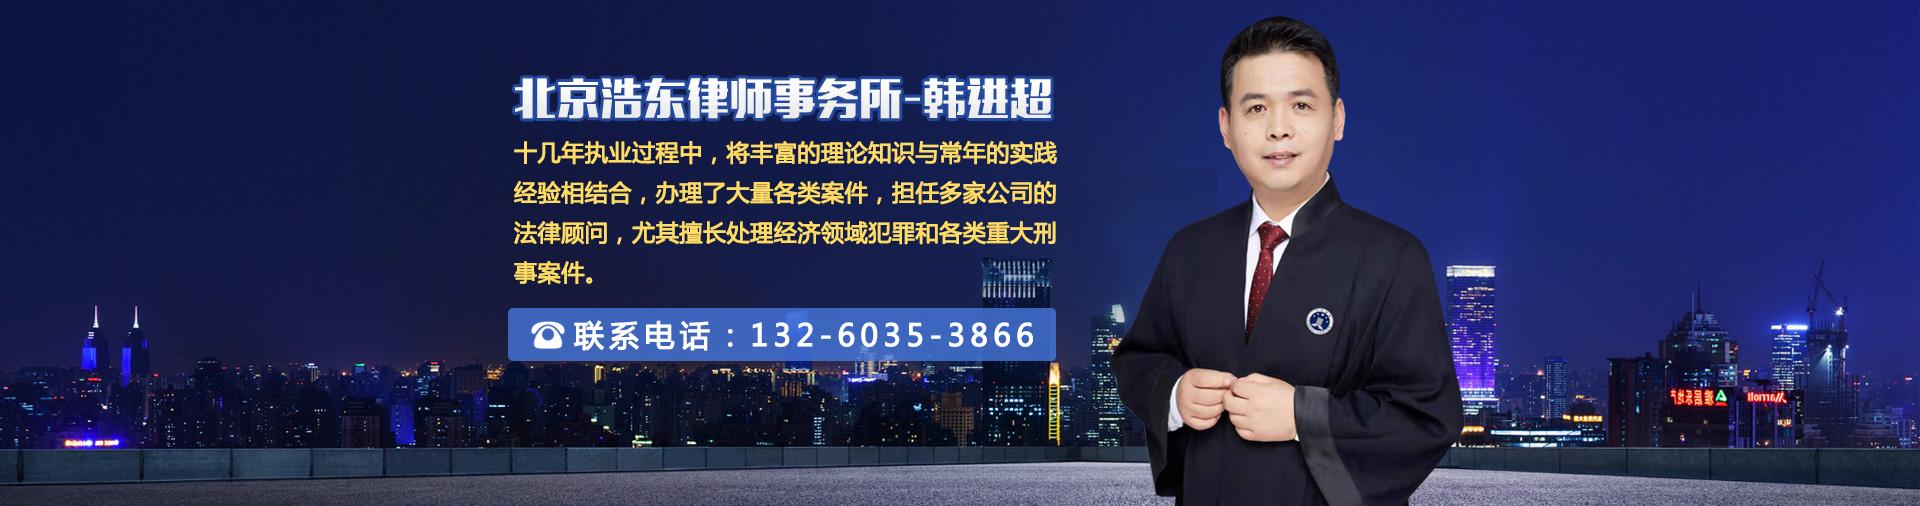 北京�x婚律���r格-�n�M超